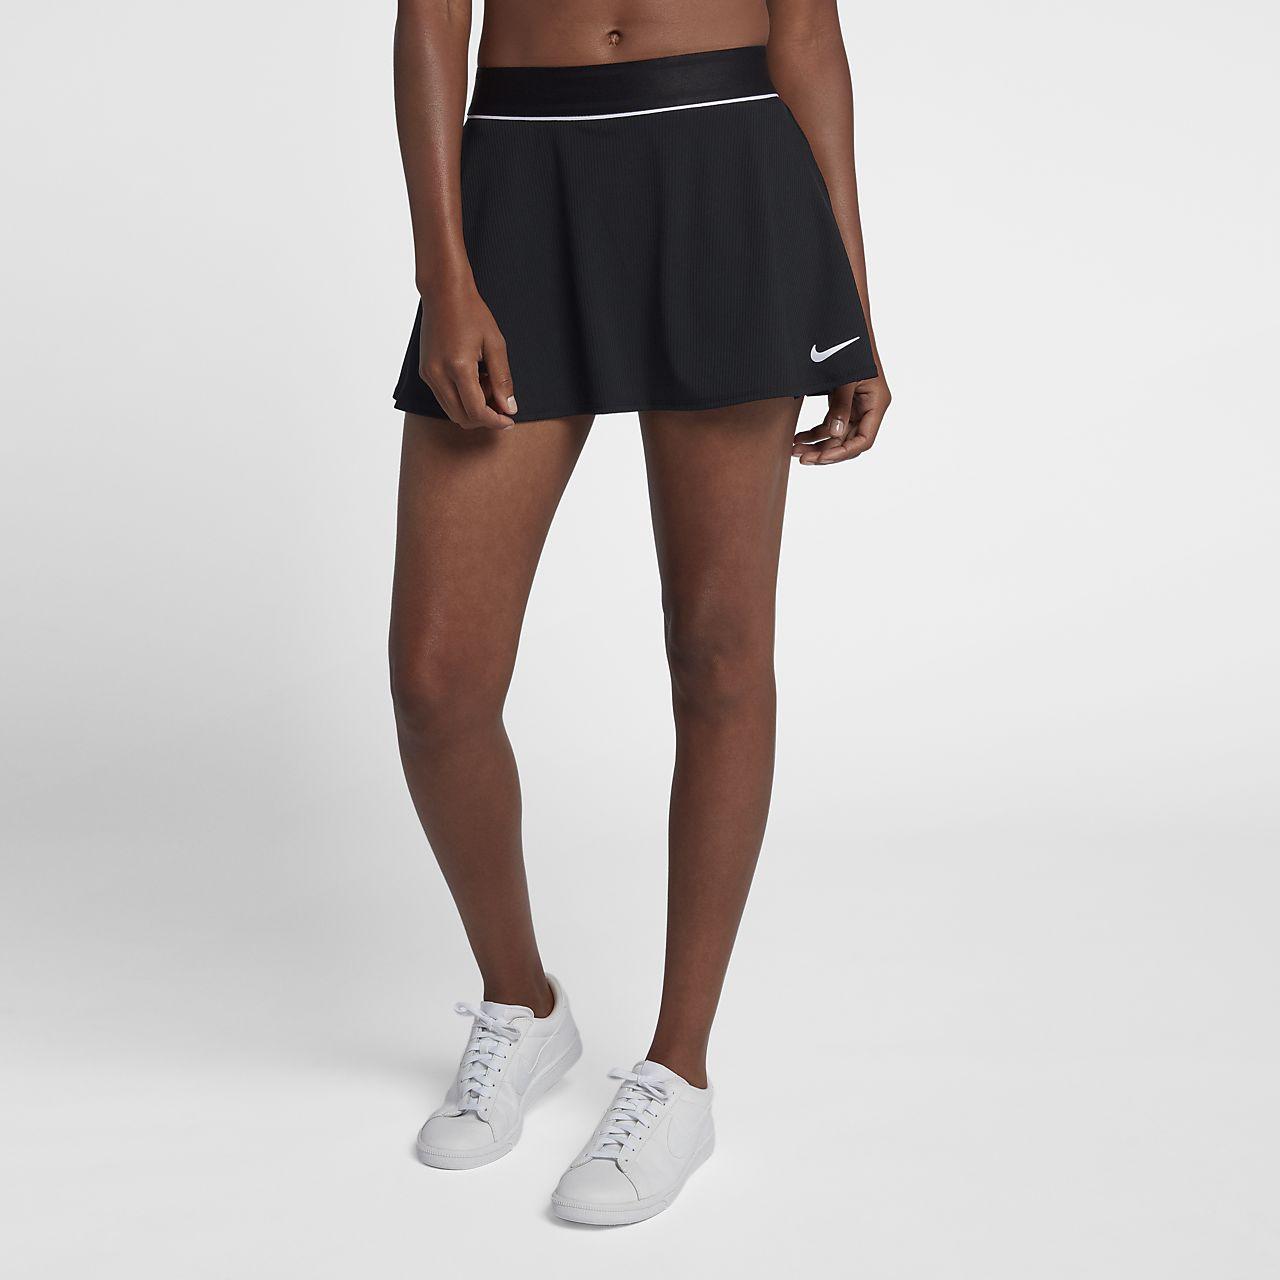 508e4eacb1 Falda de tenis para mujer NikeCourt Dri-FIT. Nike.com MX